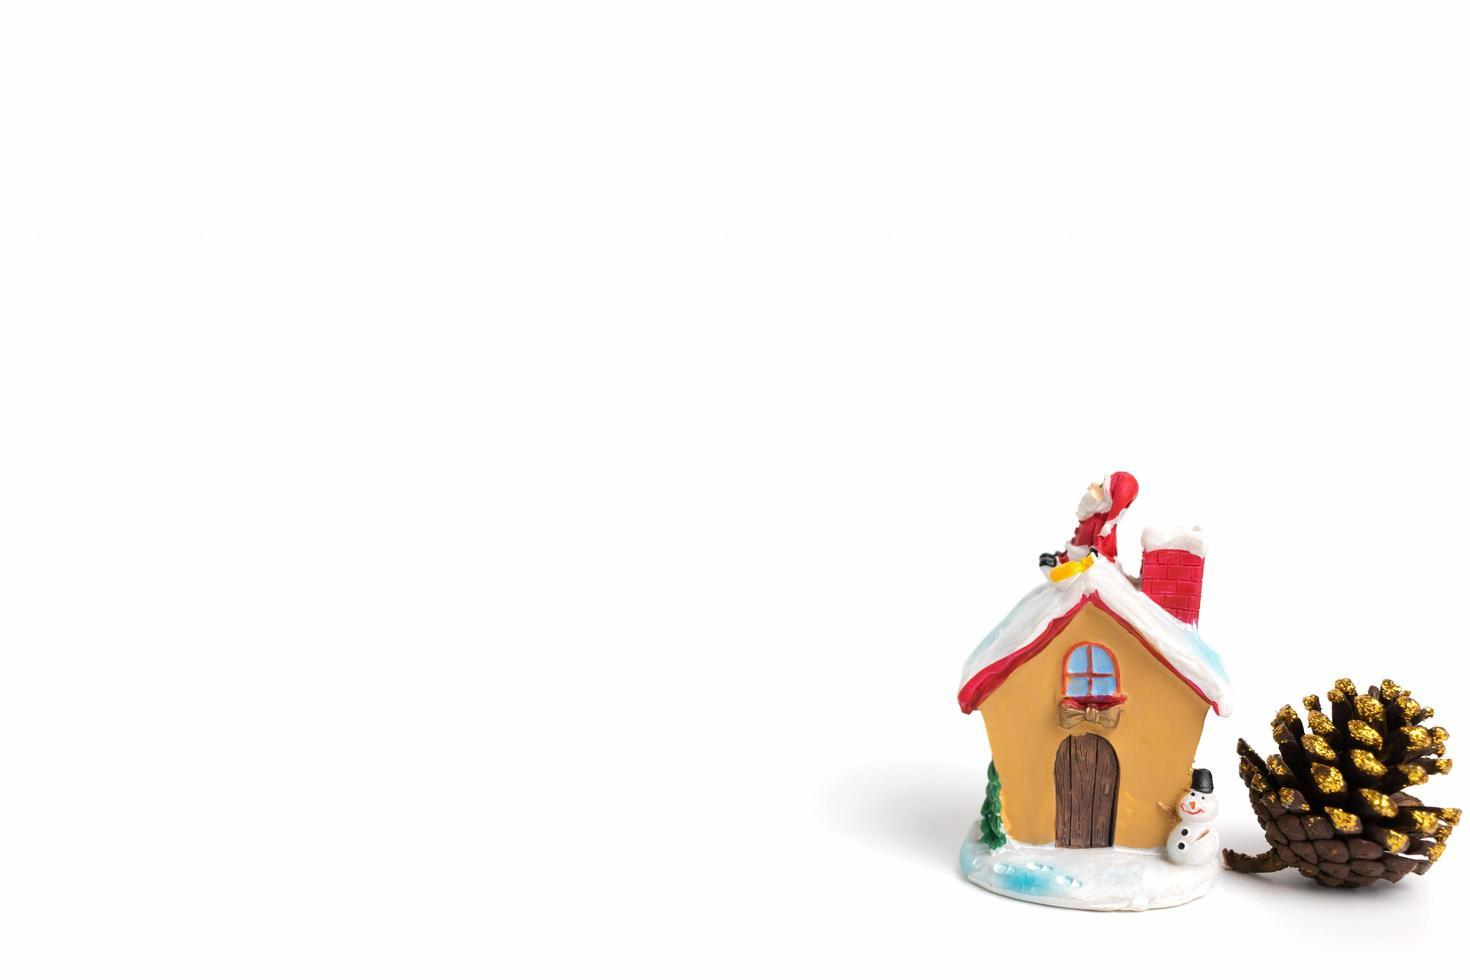 Escena navideña de estatuilla de Papá Noel sentado en un techo sobre un fondo blanco. foto